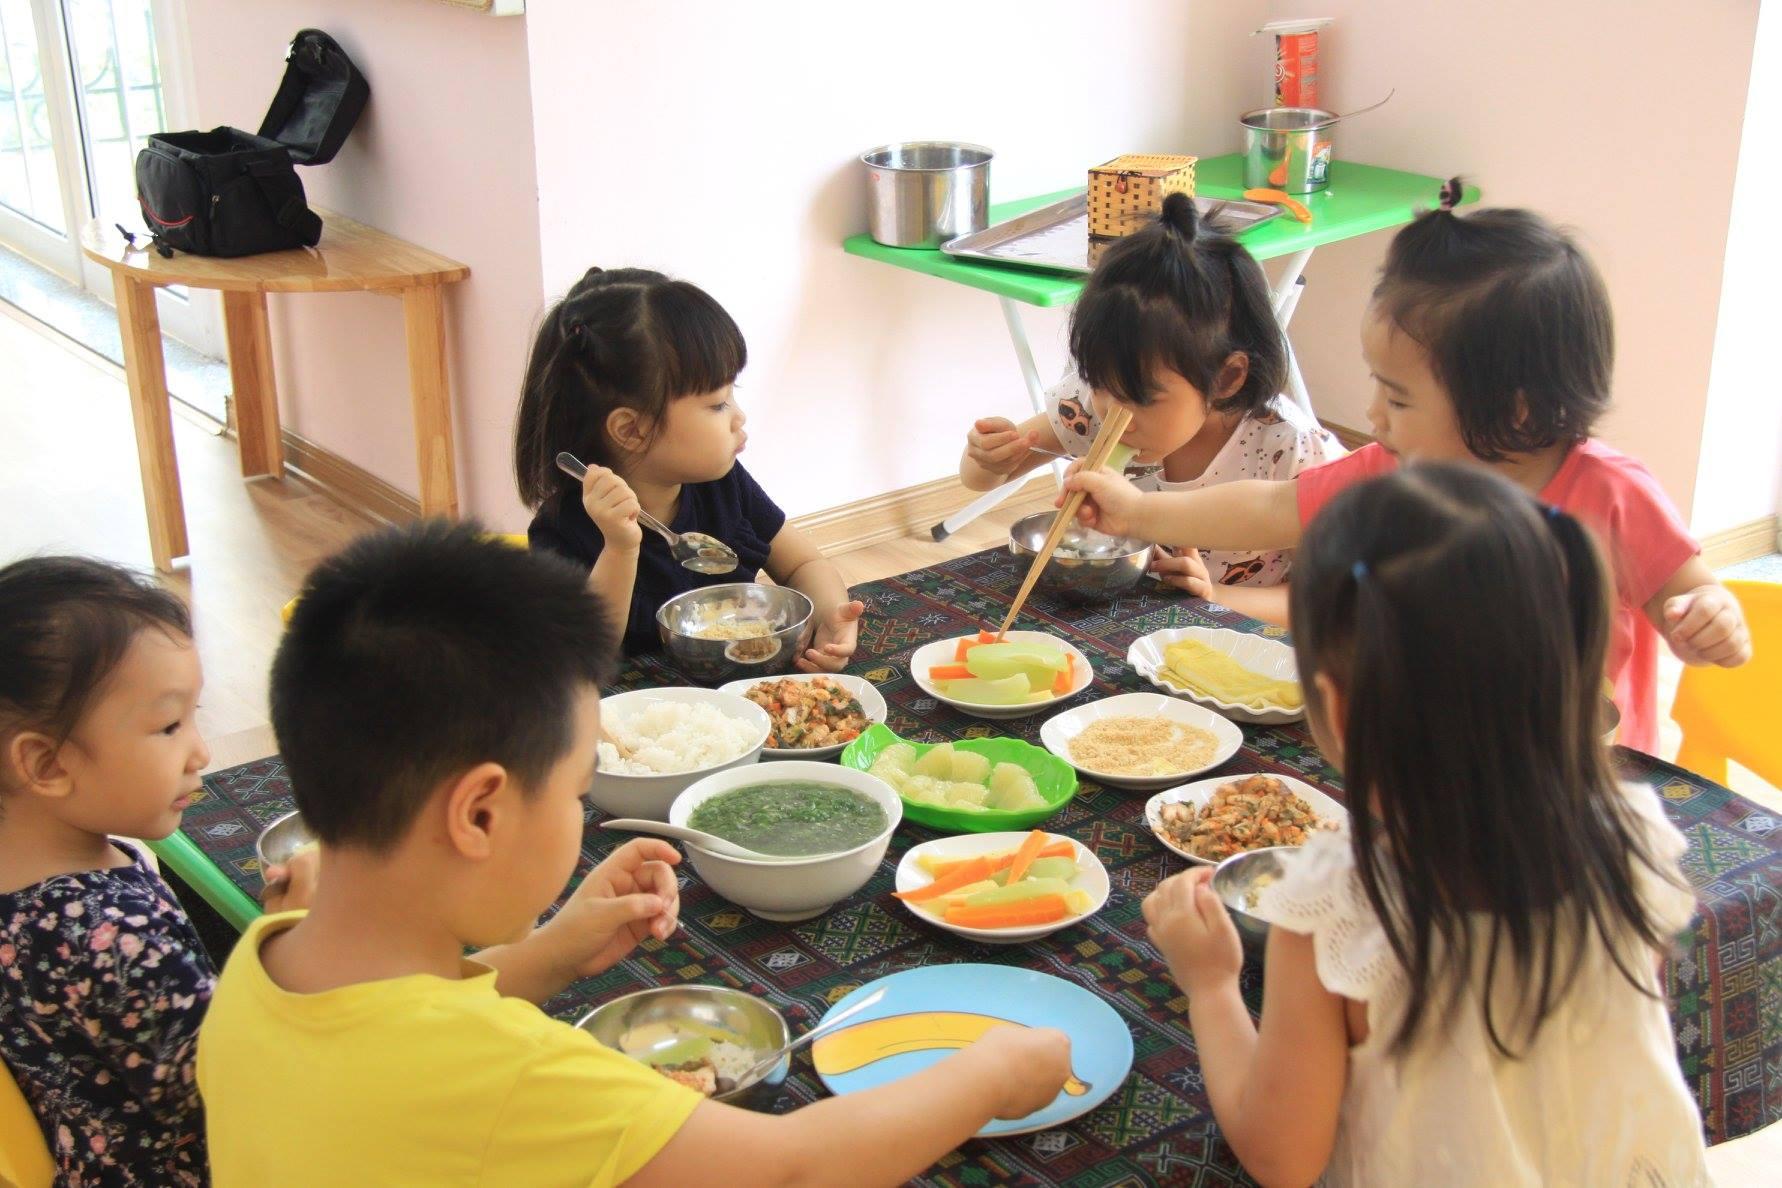 Trường mầm non Mầm Đậu Nhỏ ( Little Beans Reggio Emillia Preschool ) - 96B Nguyễn Huy Tưởng